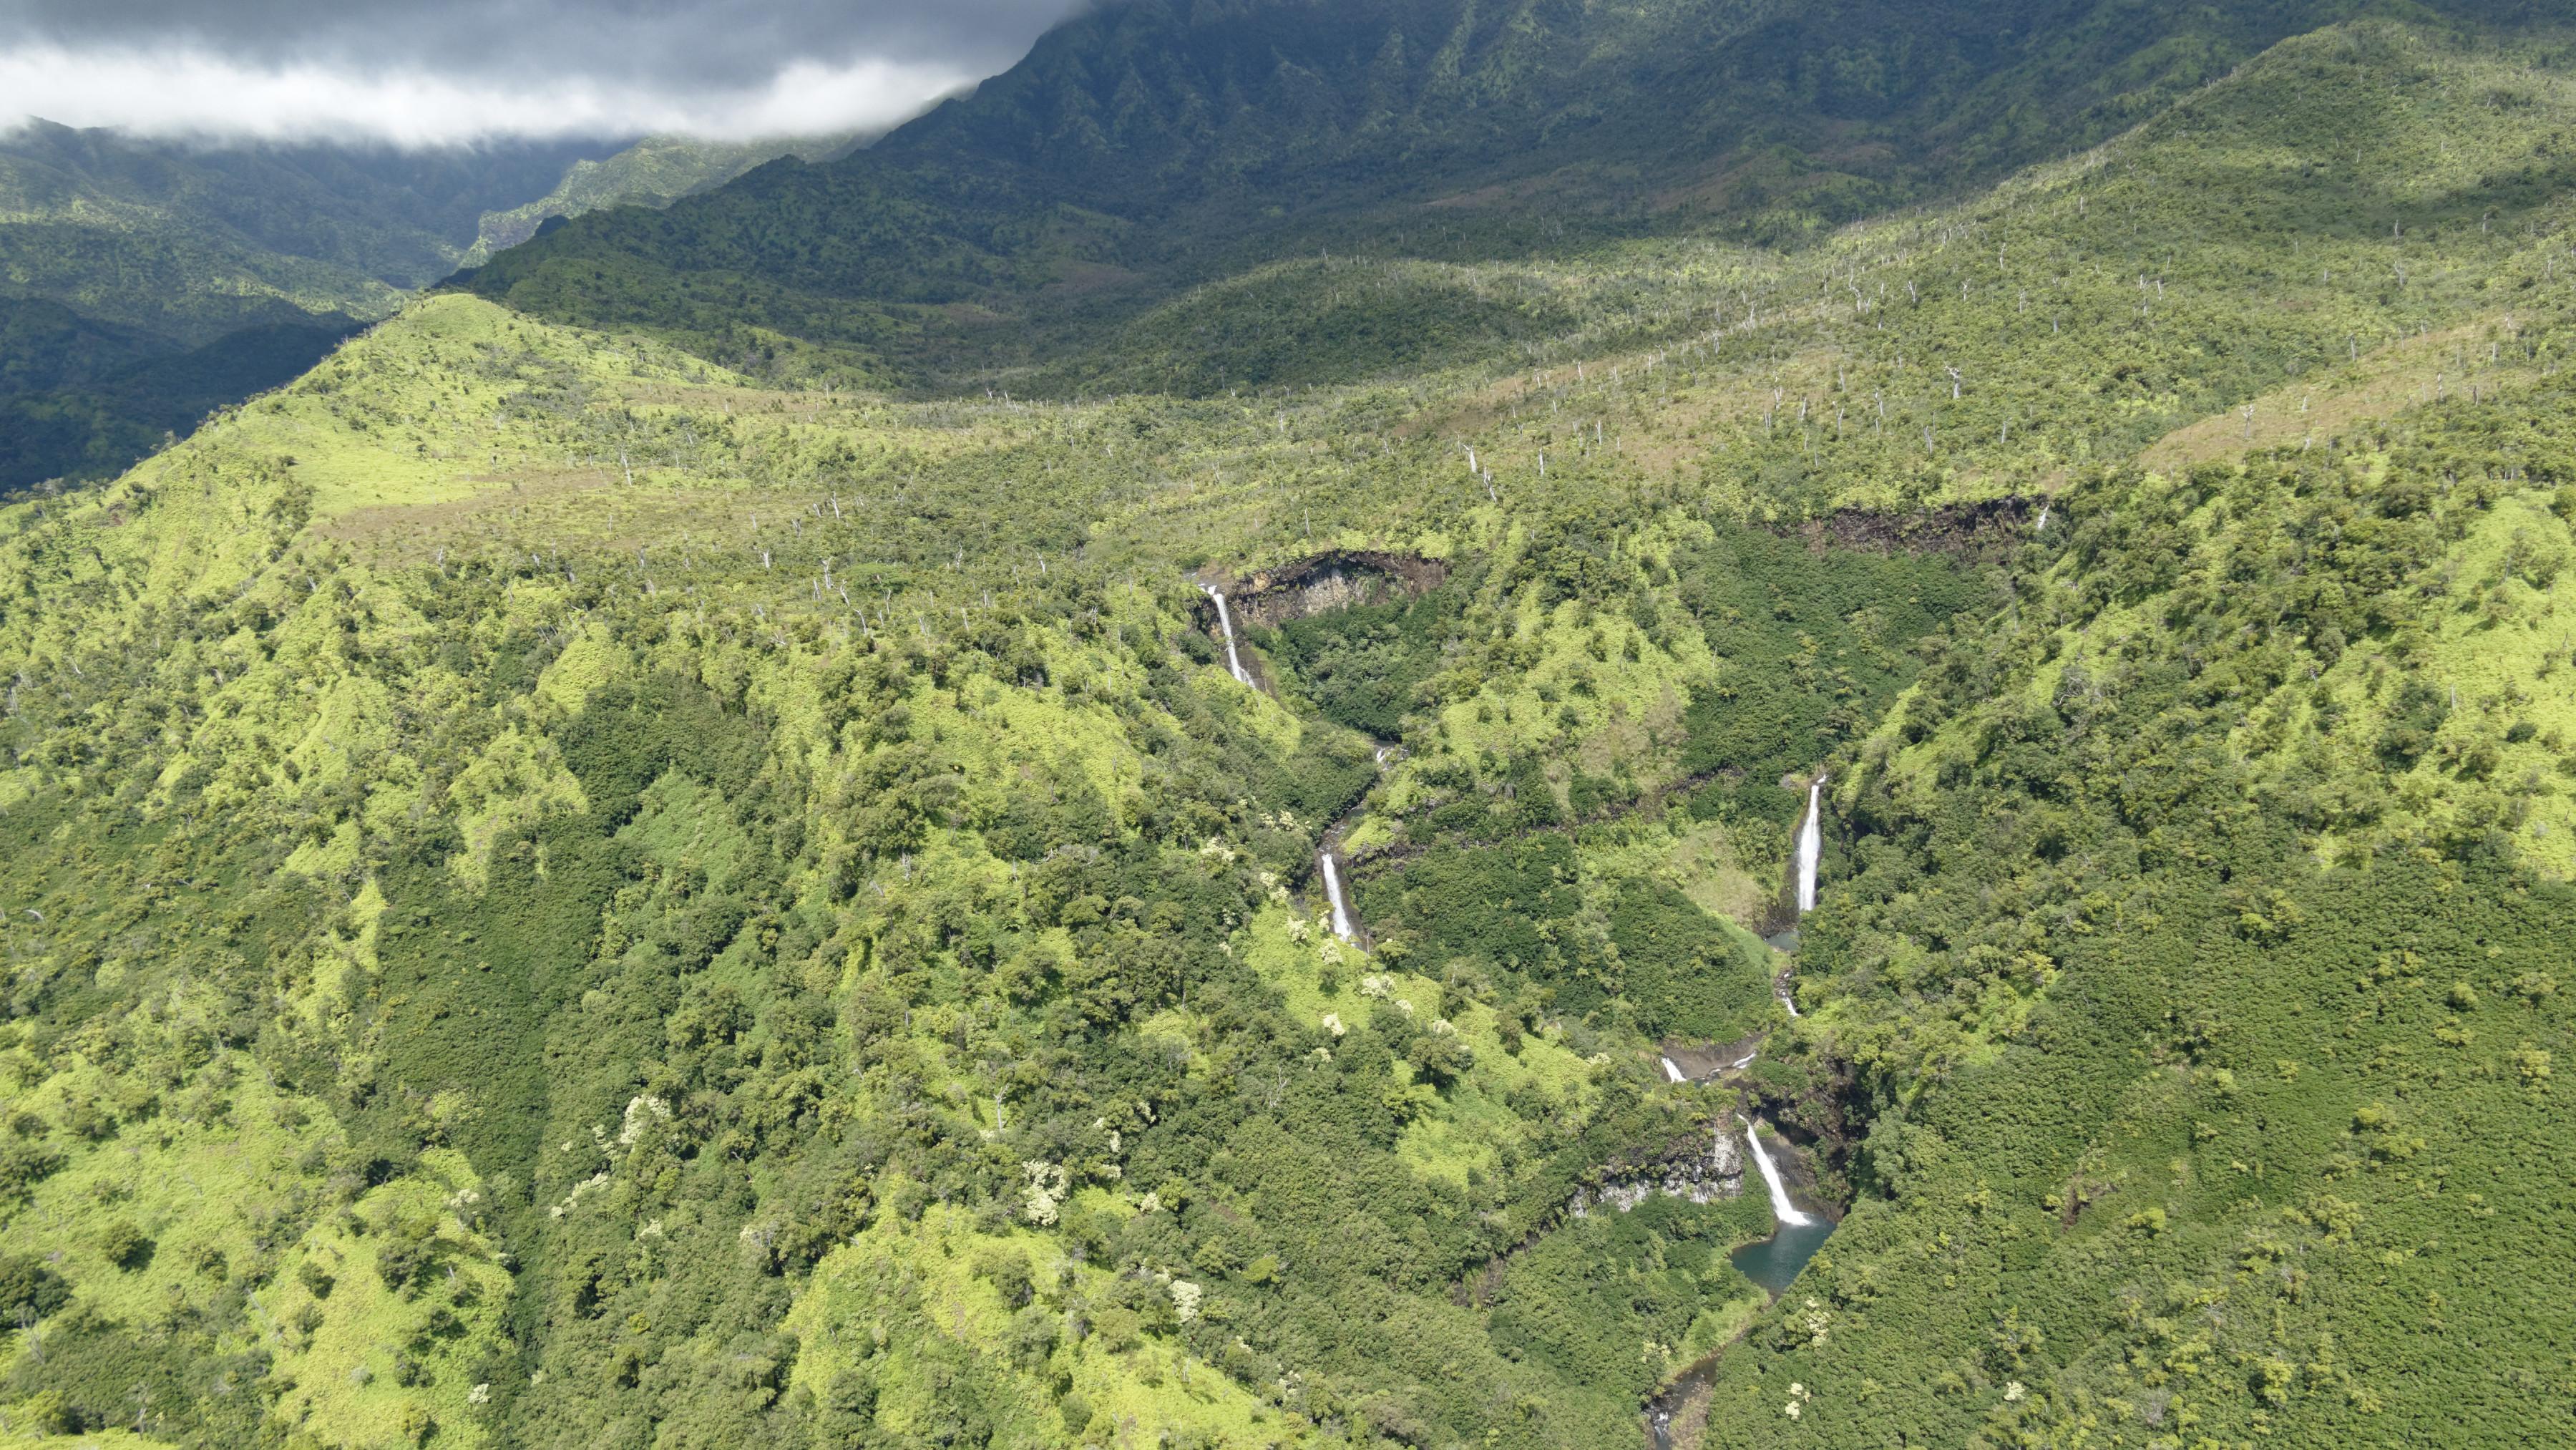 Cascades sur les contreforts de Kauai